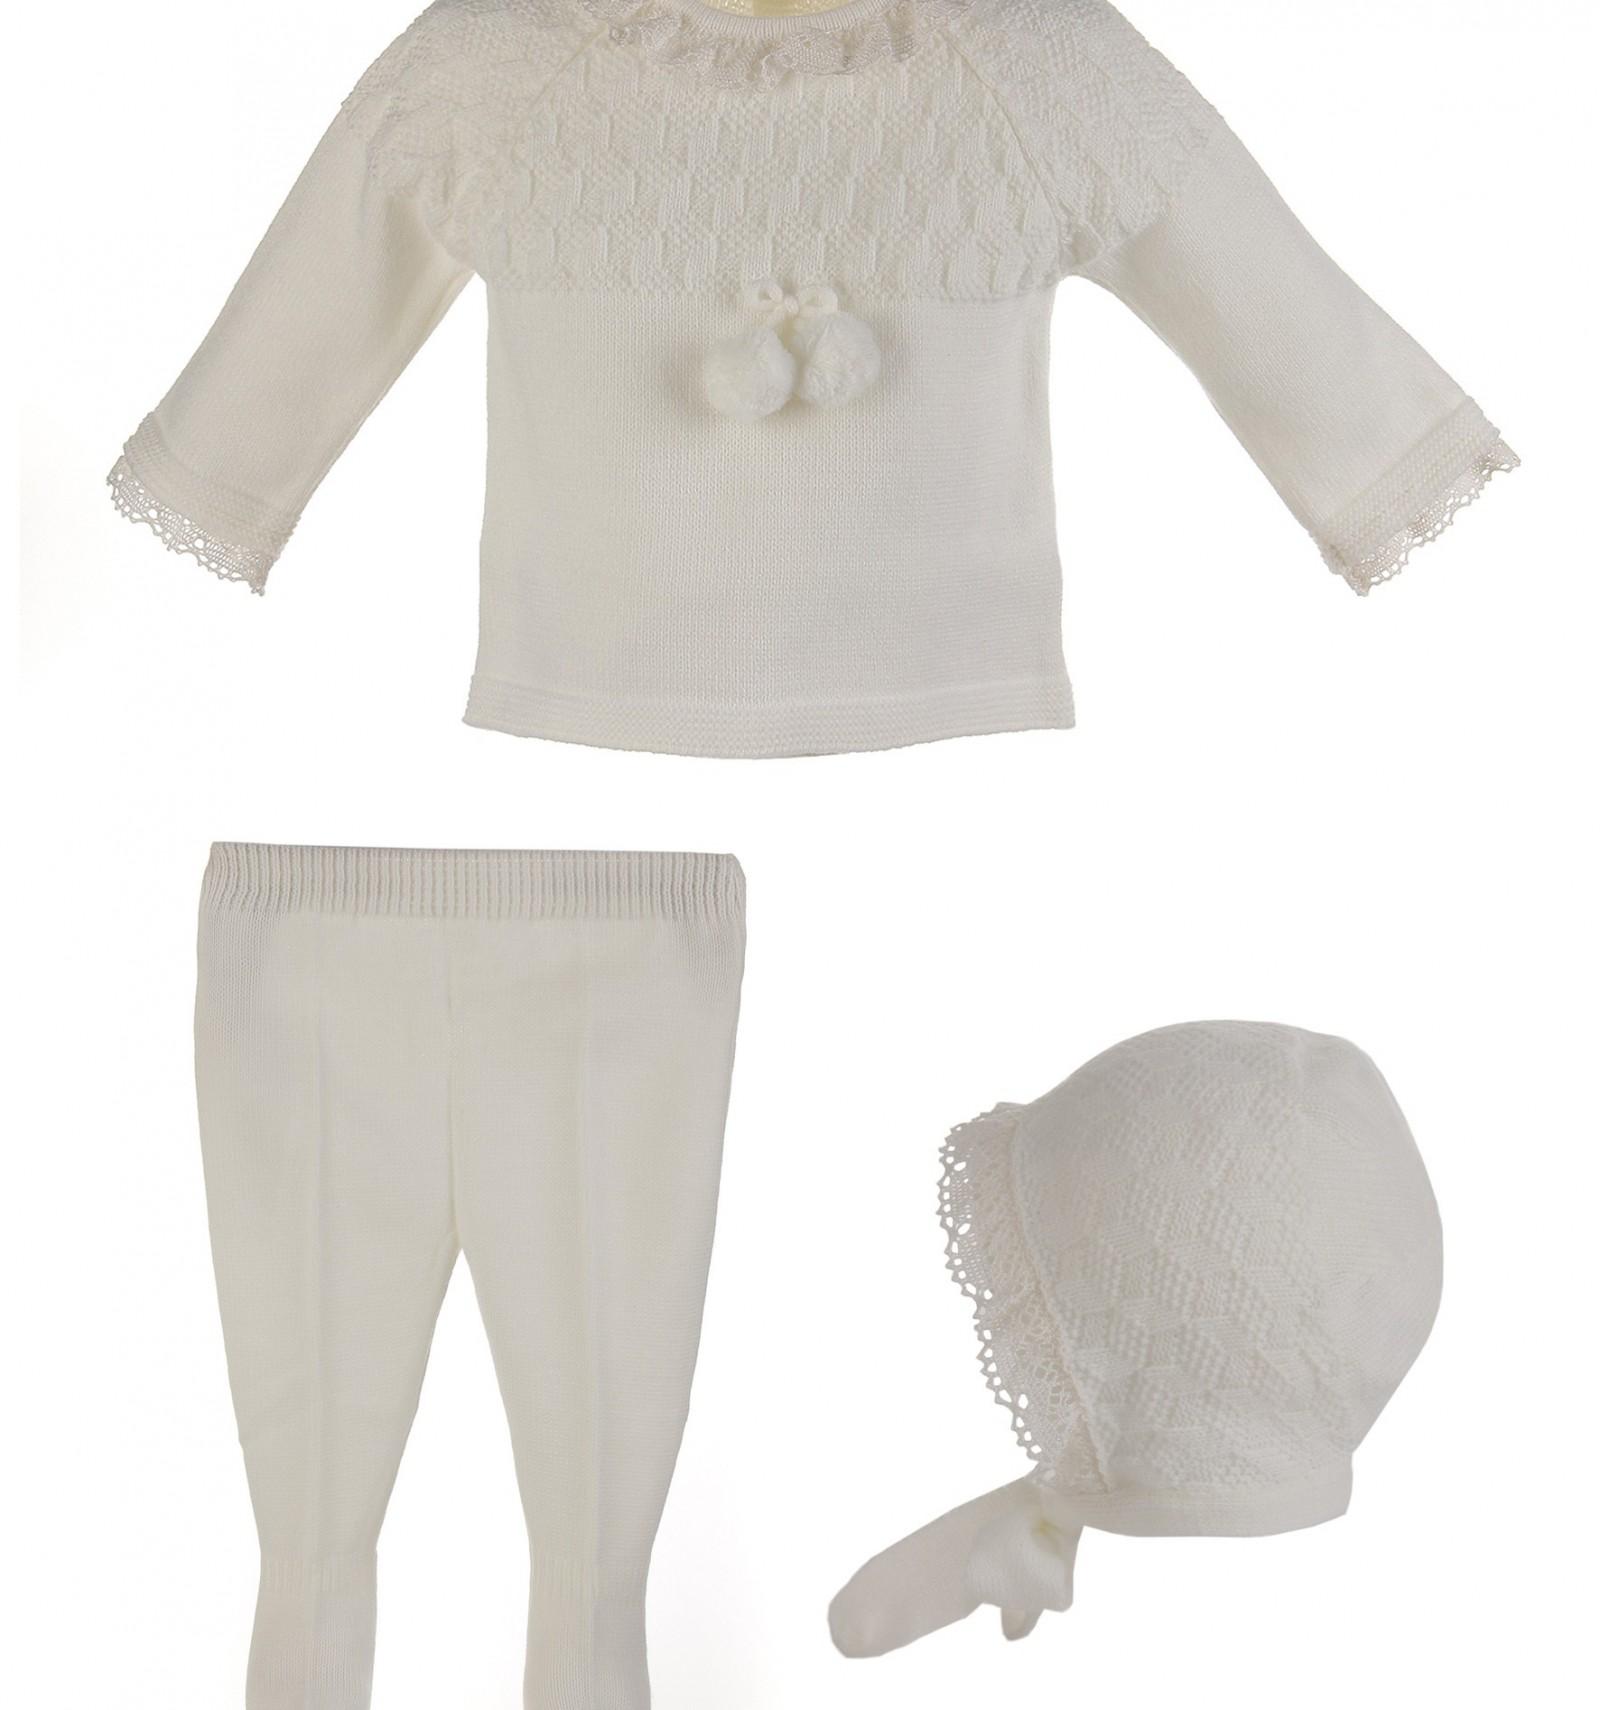 b6f1023ff Comprar online conjunto de ceremonia y bautizo bebé